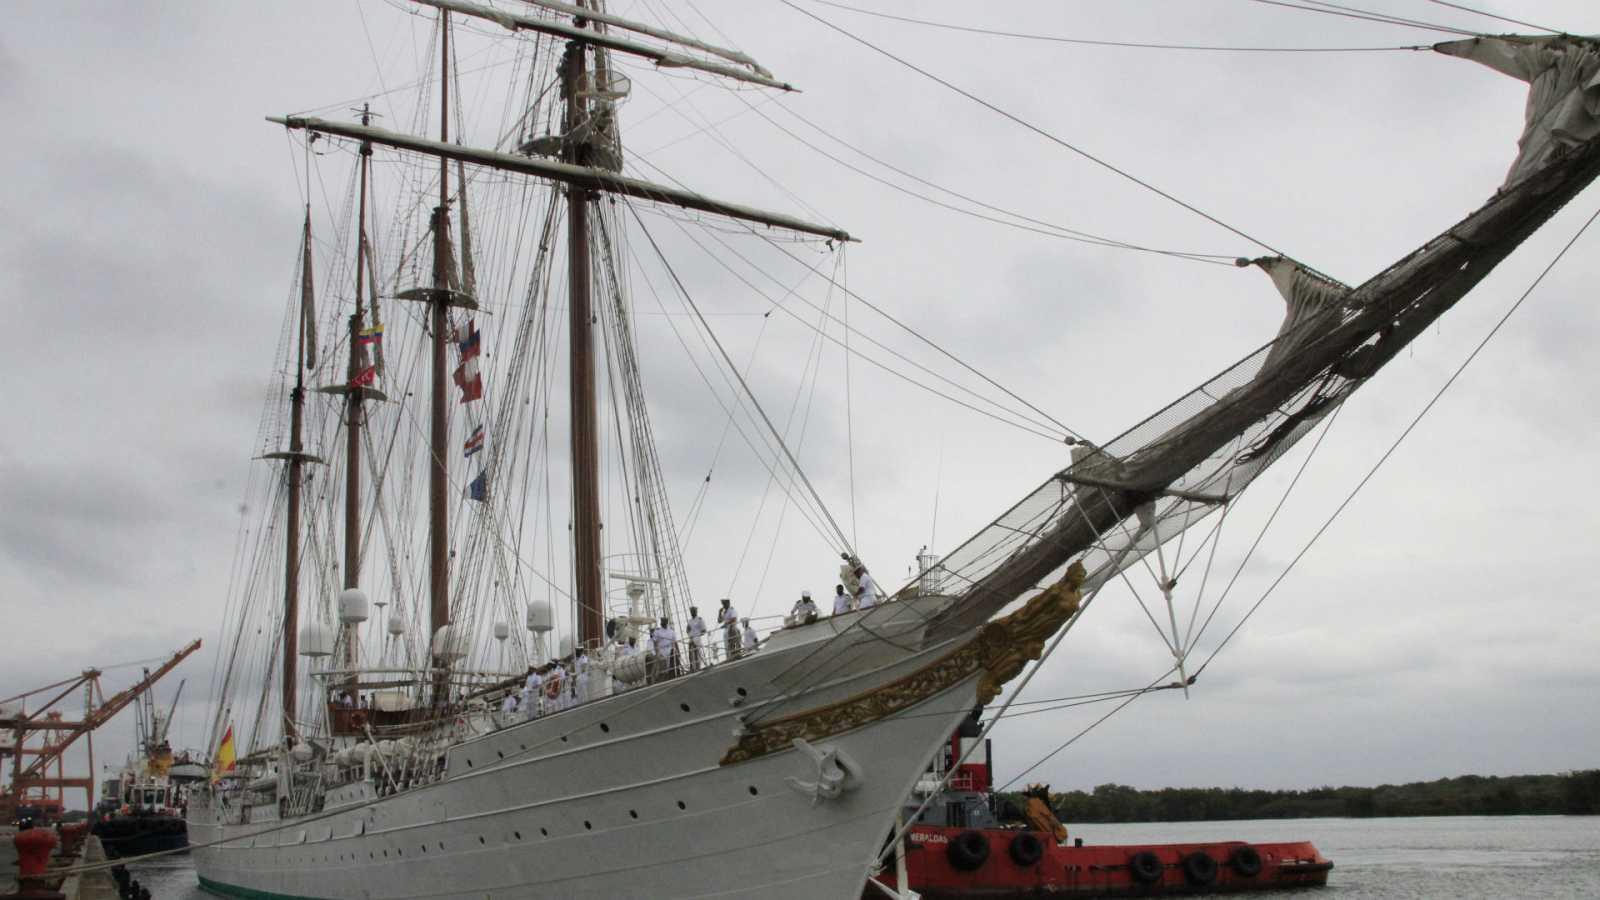 Los mares relatados - El cuerpo jurídico de la Armada, un poco de historia - 26/12/20 - escuchar ahora